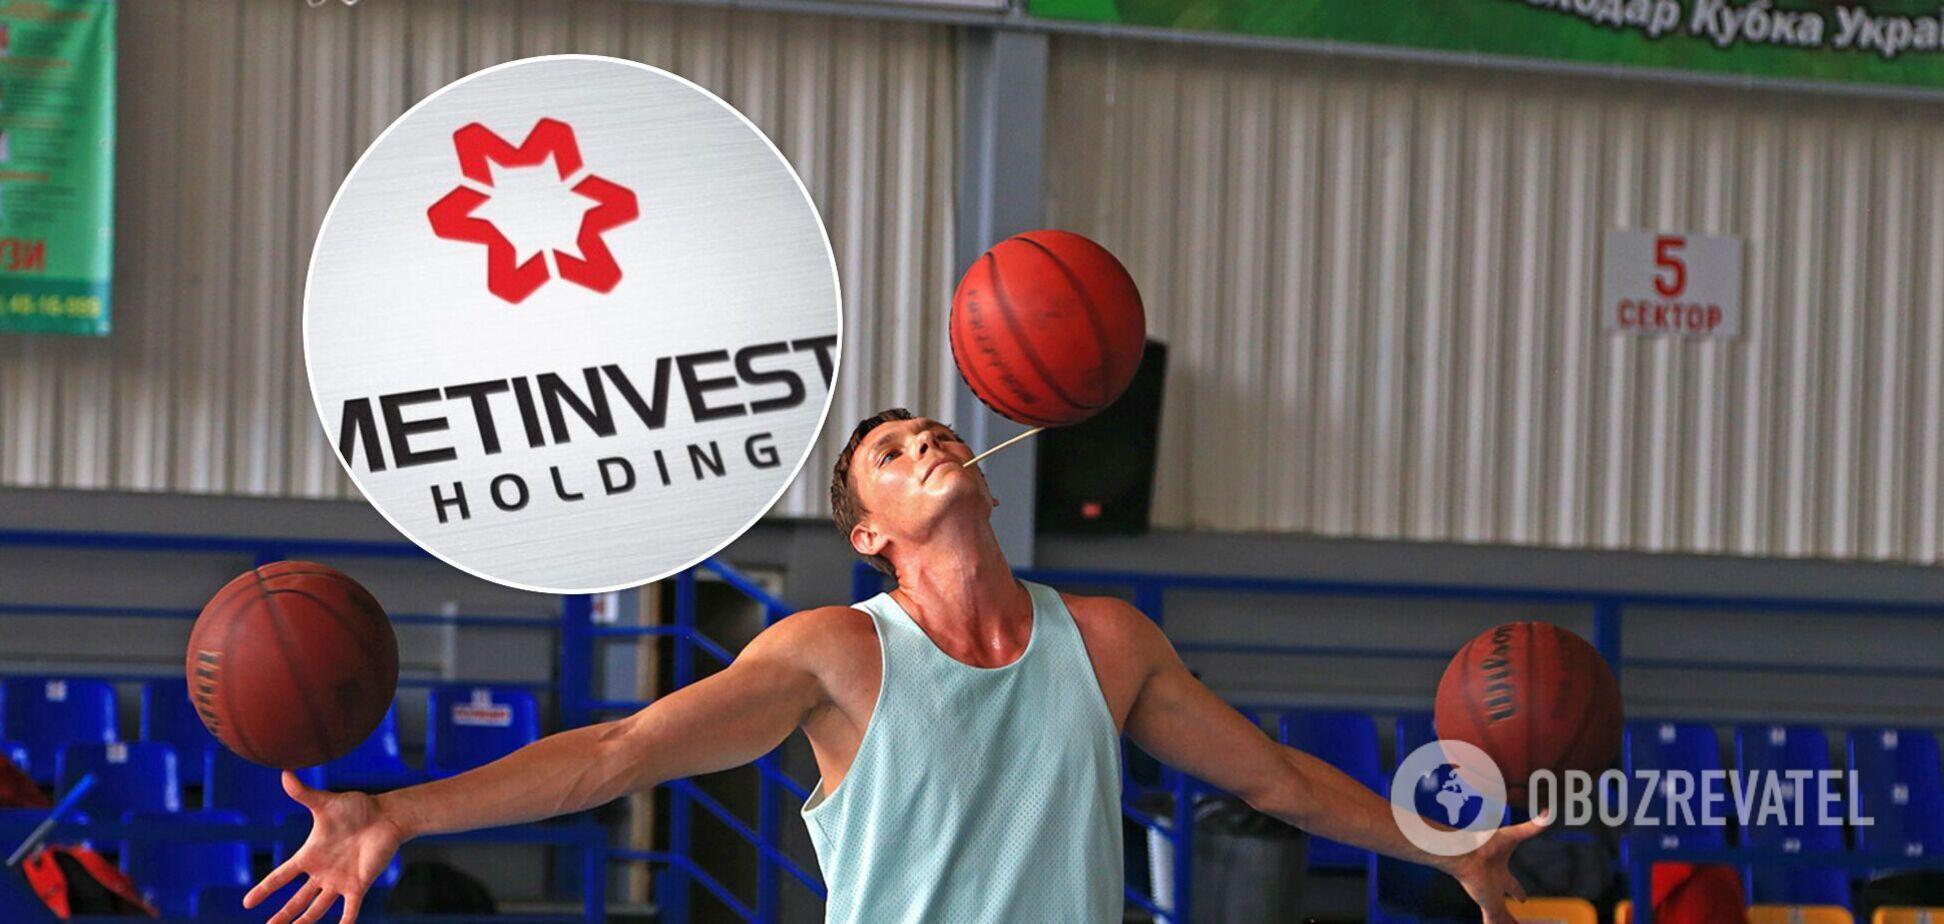 Перший в історії українець-баскетболіст, який потрапив у Harlem Globetrotters, розповів про свій шлях до мрії